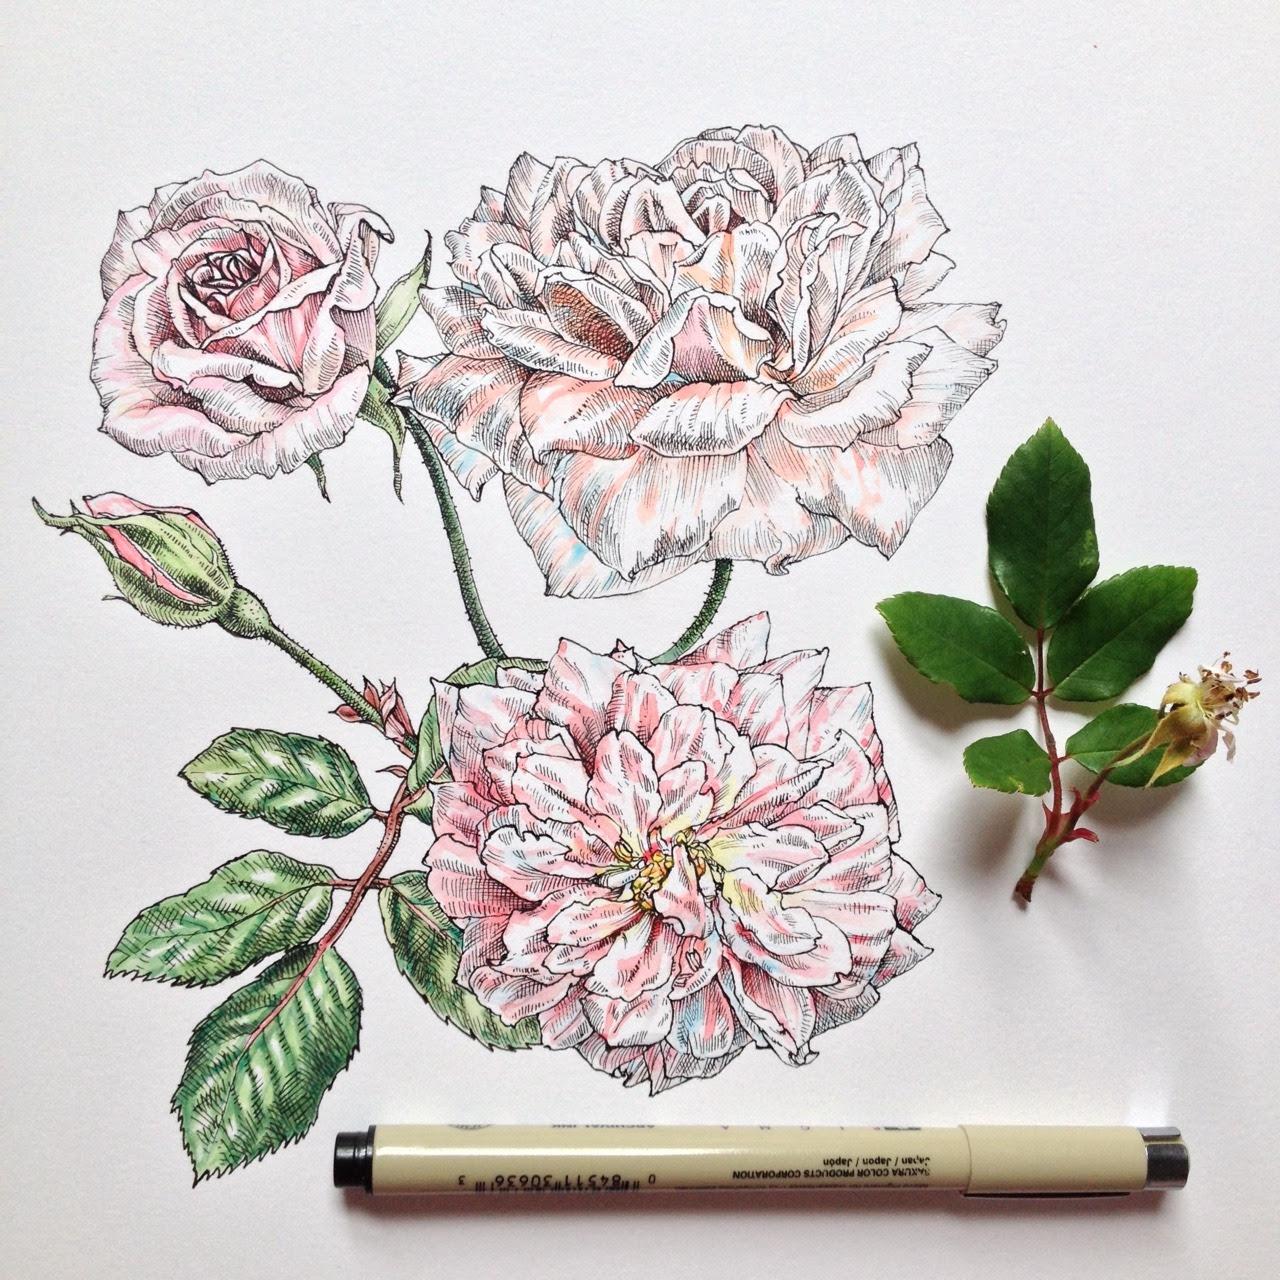 Dibujos De Flores A Color Tumblr Imagesacolorier Website